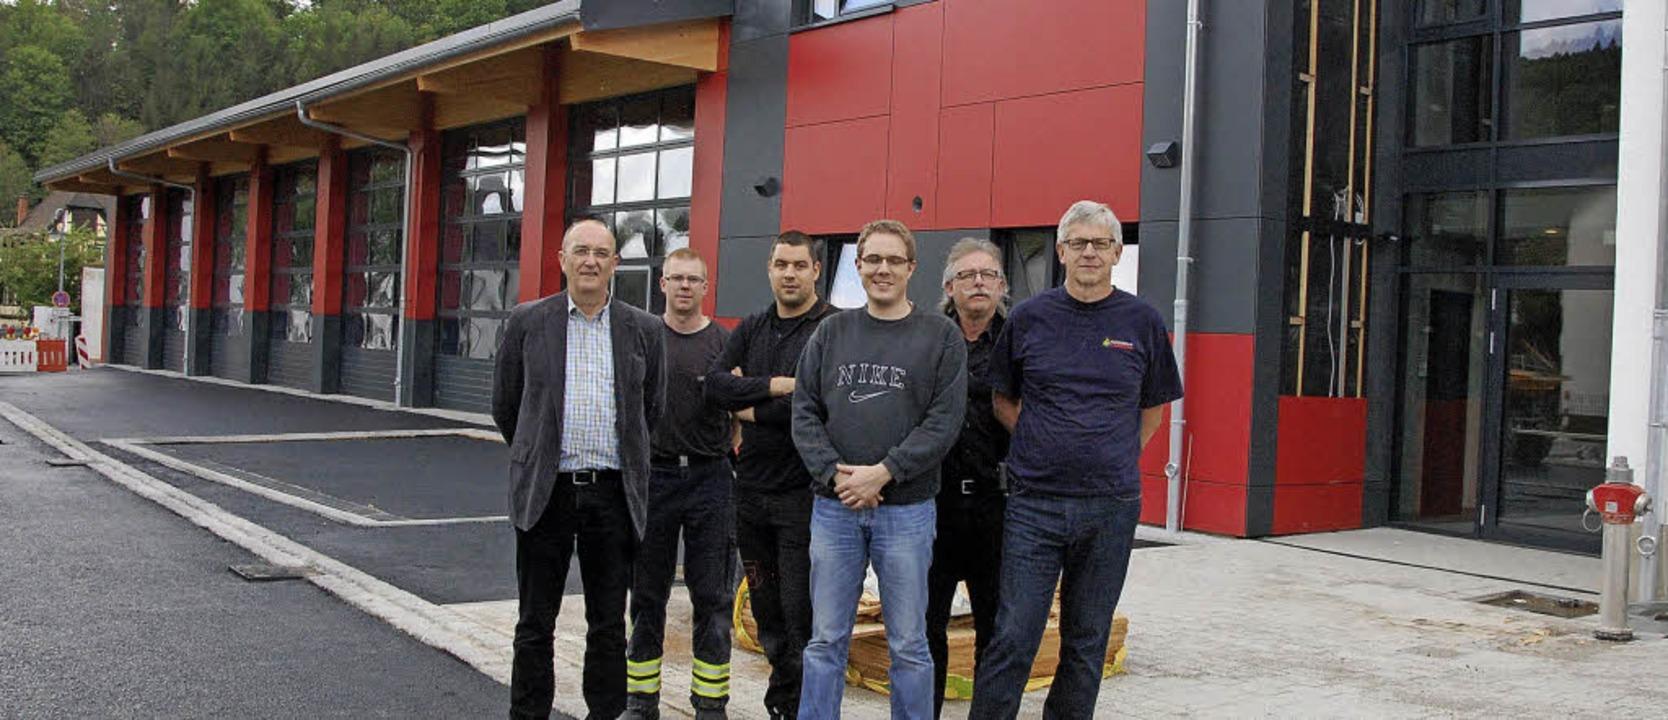 Beim Wiederaufbau der Kanderner Feuerw...ünter Lenke (von links) Hand in Hand.     Foto: Herbert Frey